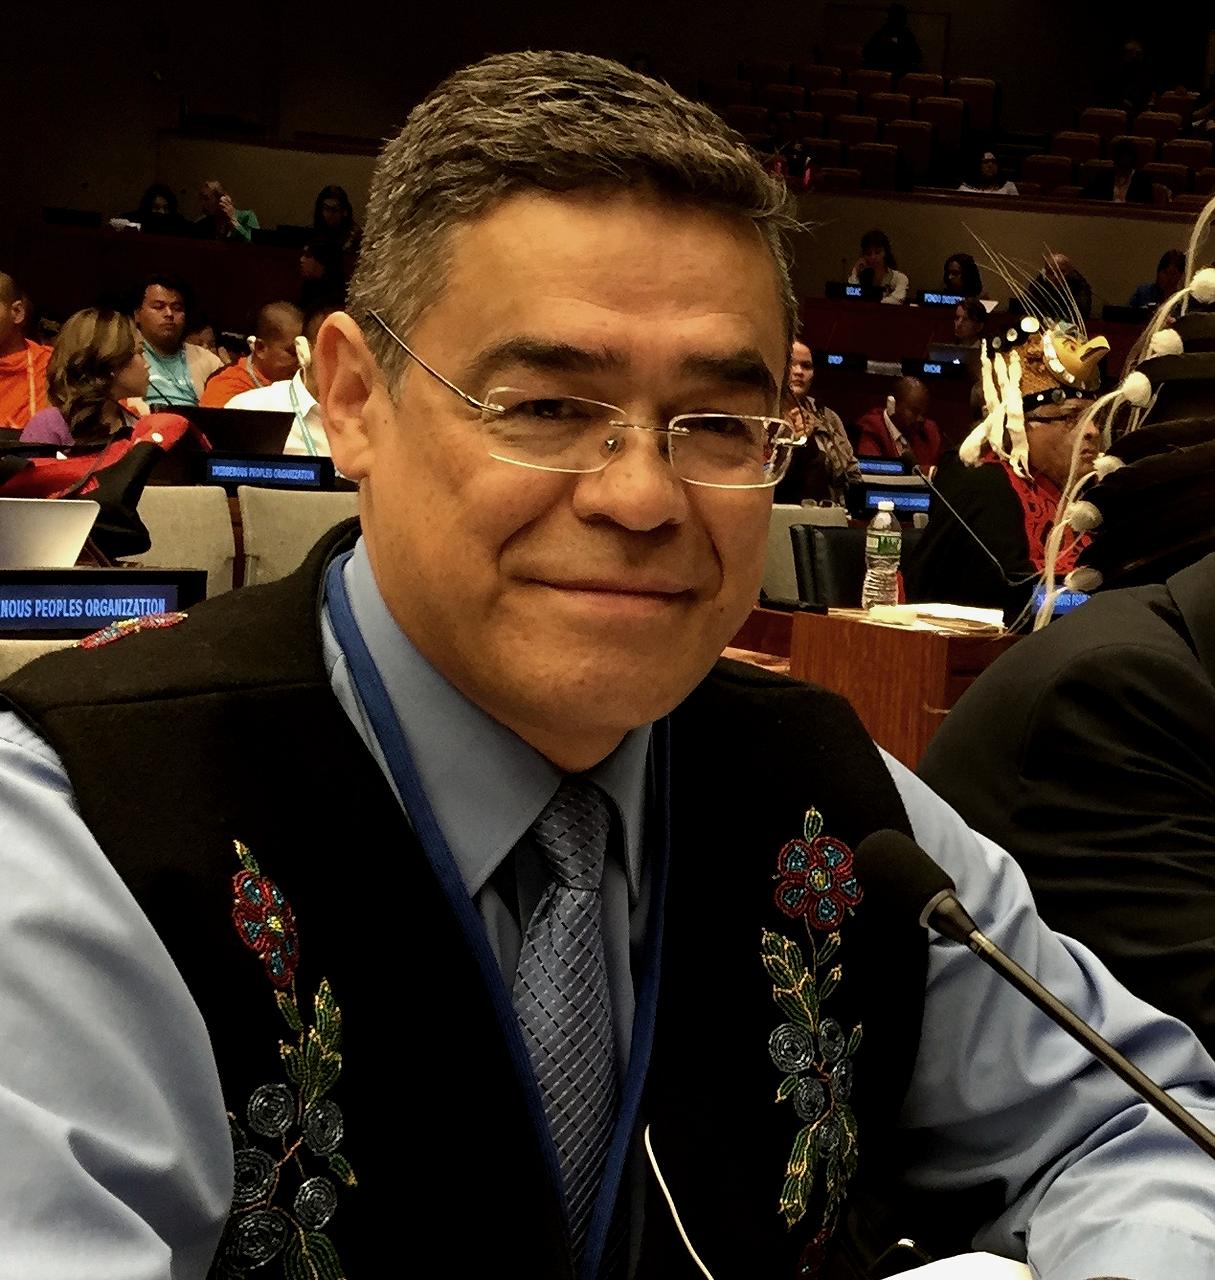 Nejdůležitější je umět odpouštět, říká advokát kanadských indiánů